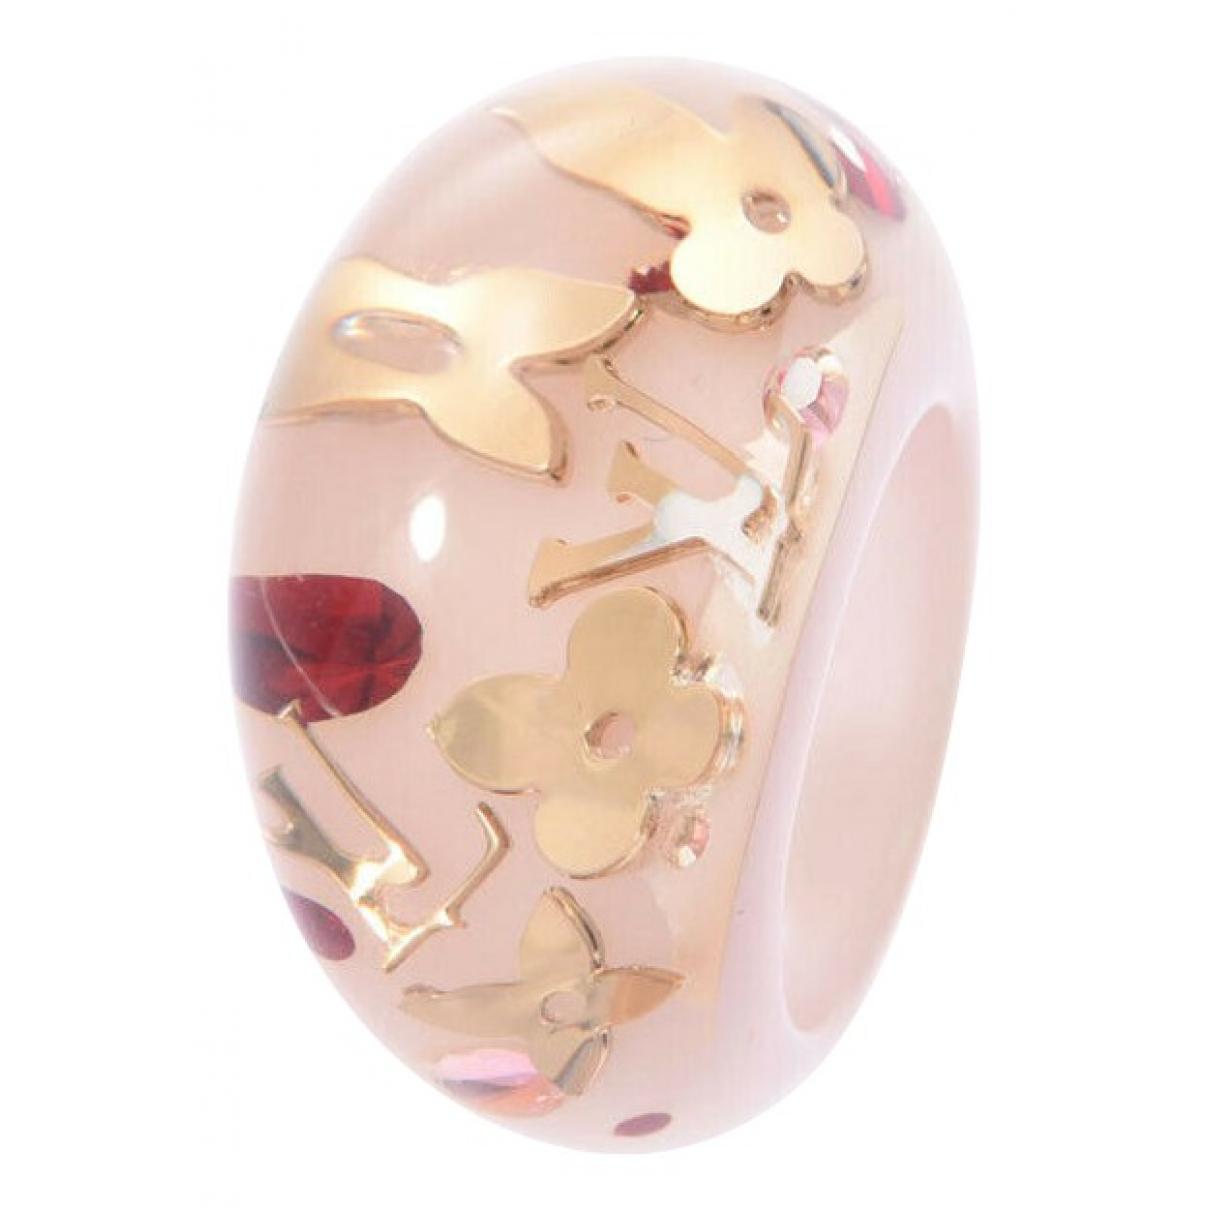 Louis Vuitton - Bague Inclusion pour femme - rose